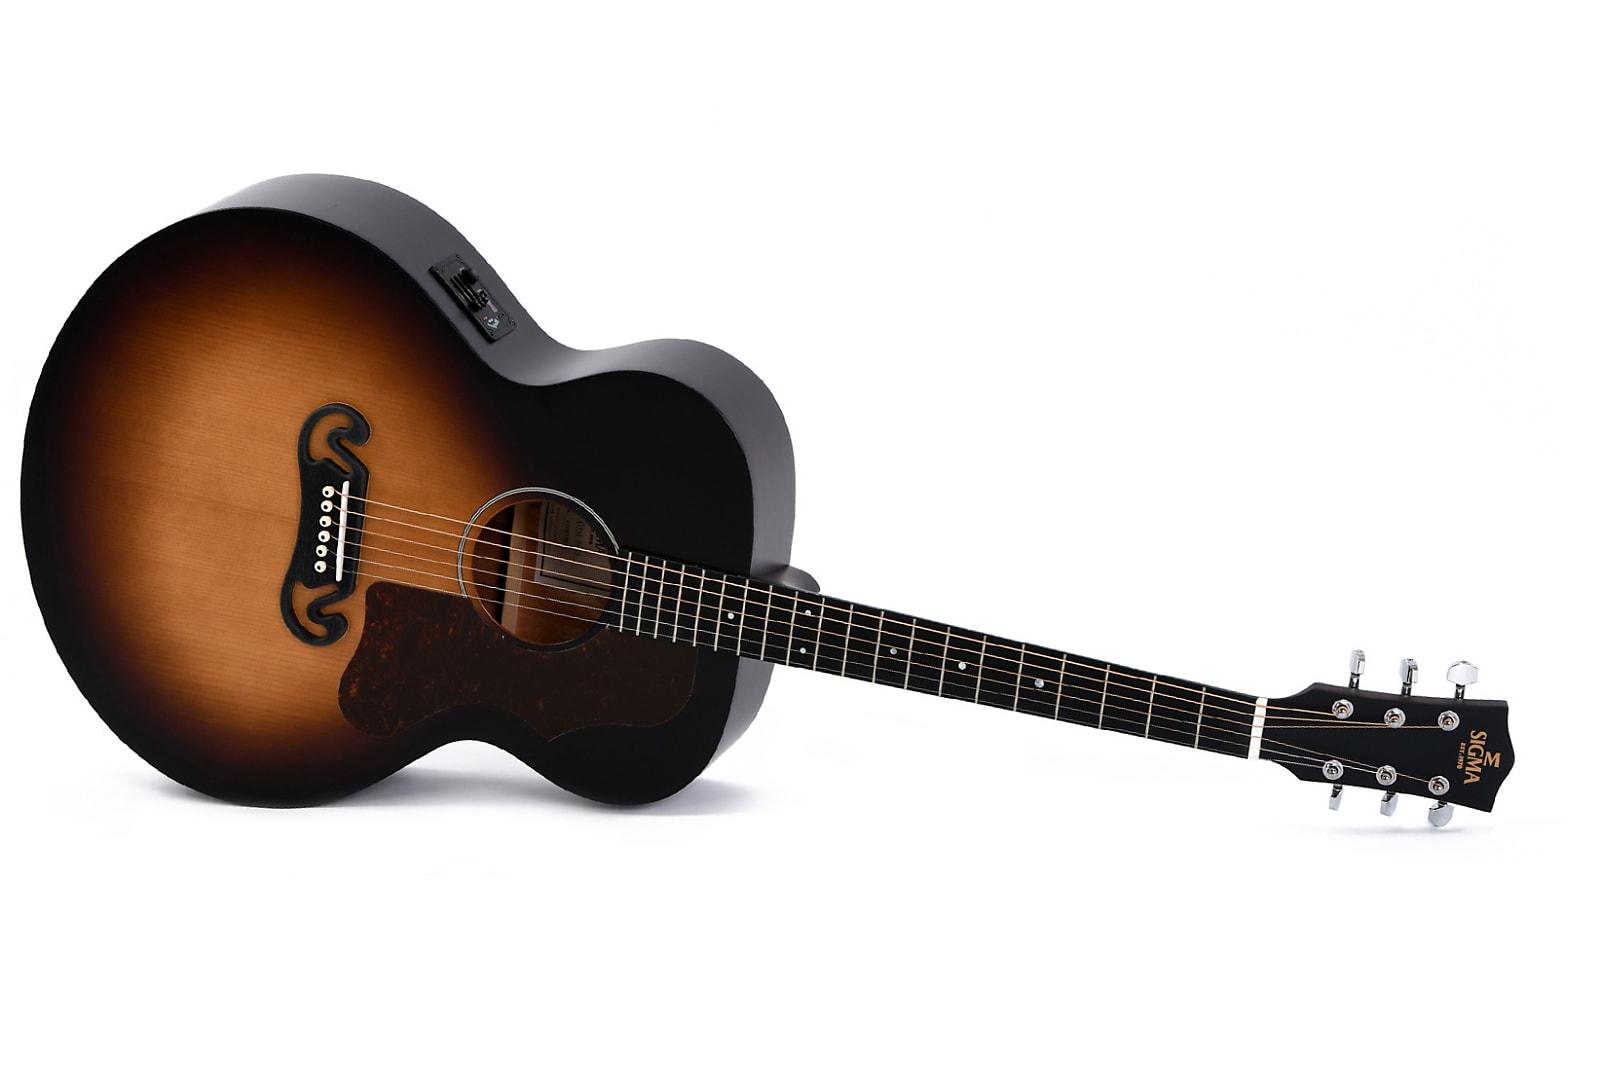 Guitares & co - GUITARES ACOUSTIQUES - 6 CORDES - SIGMA - SG GJM-SGE - Royez Musik